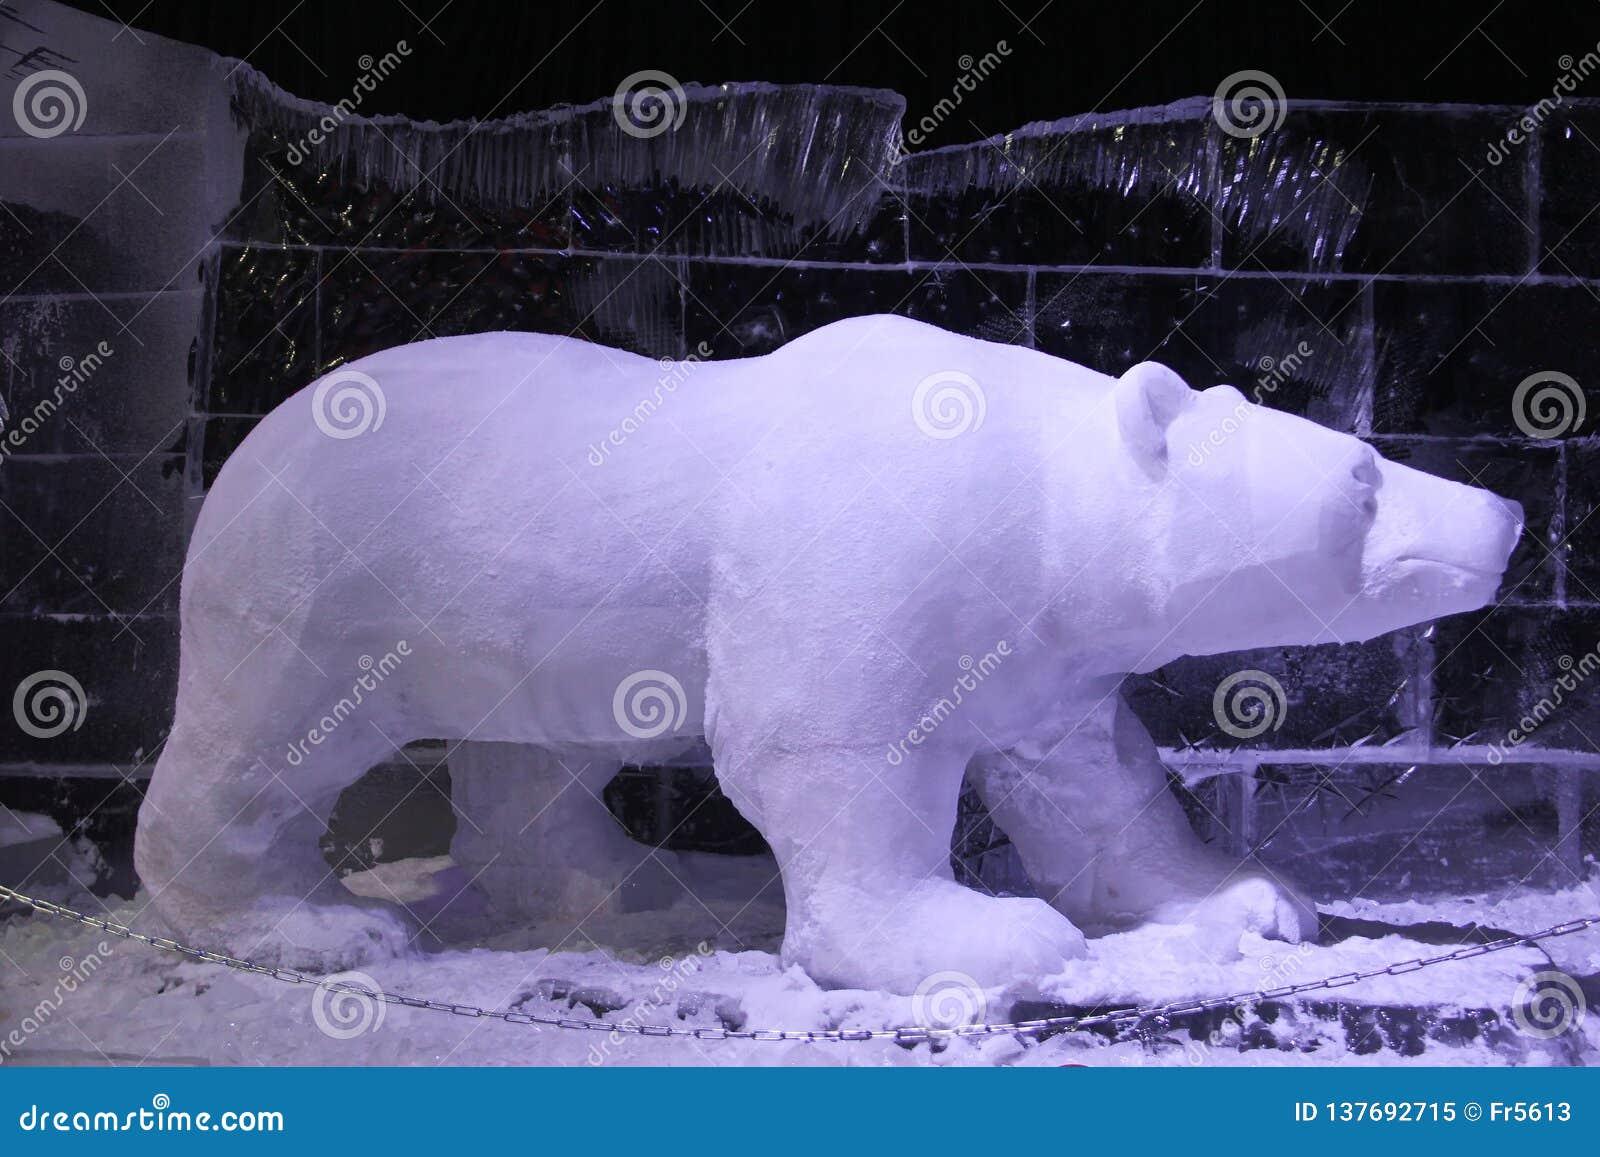 Ijsbeer van ijs en sneeuw wordt gemaakt die